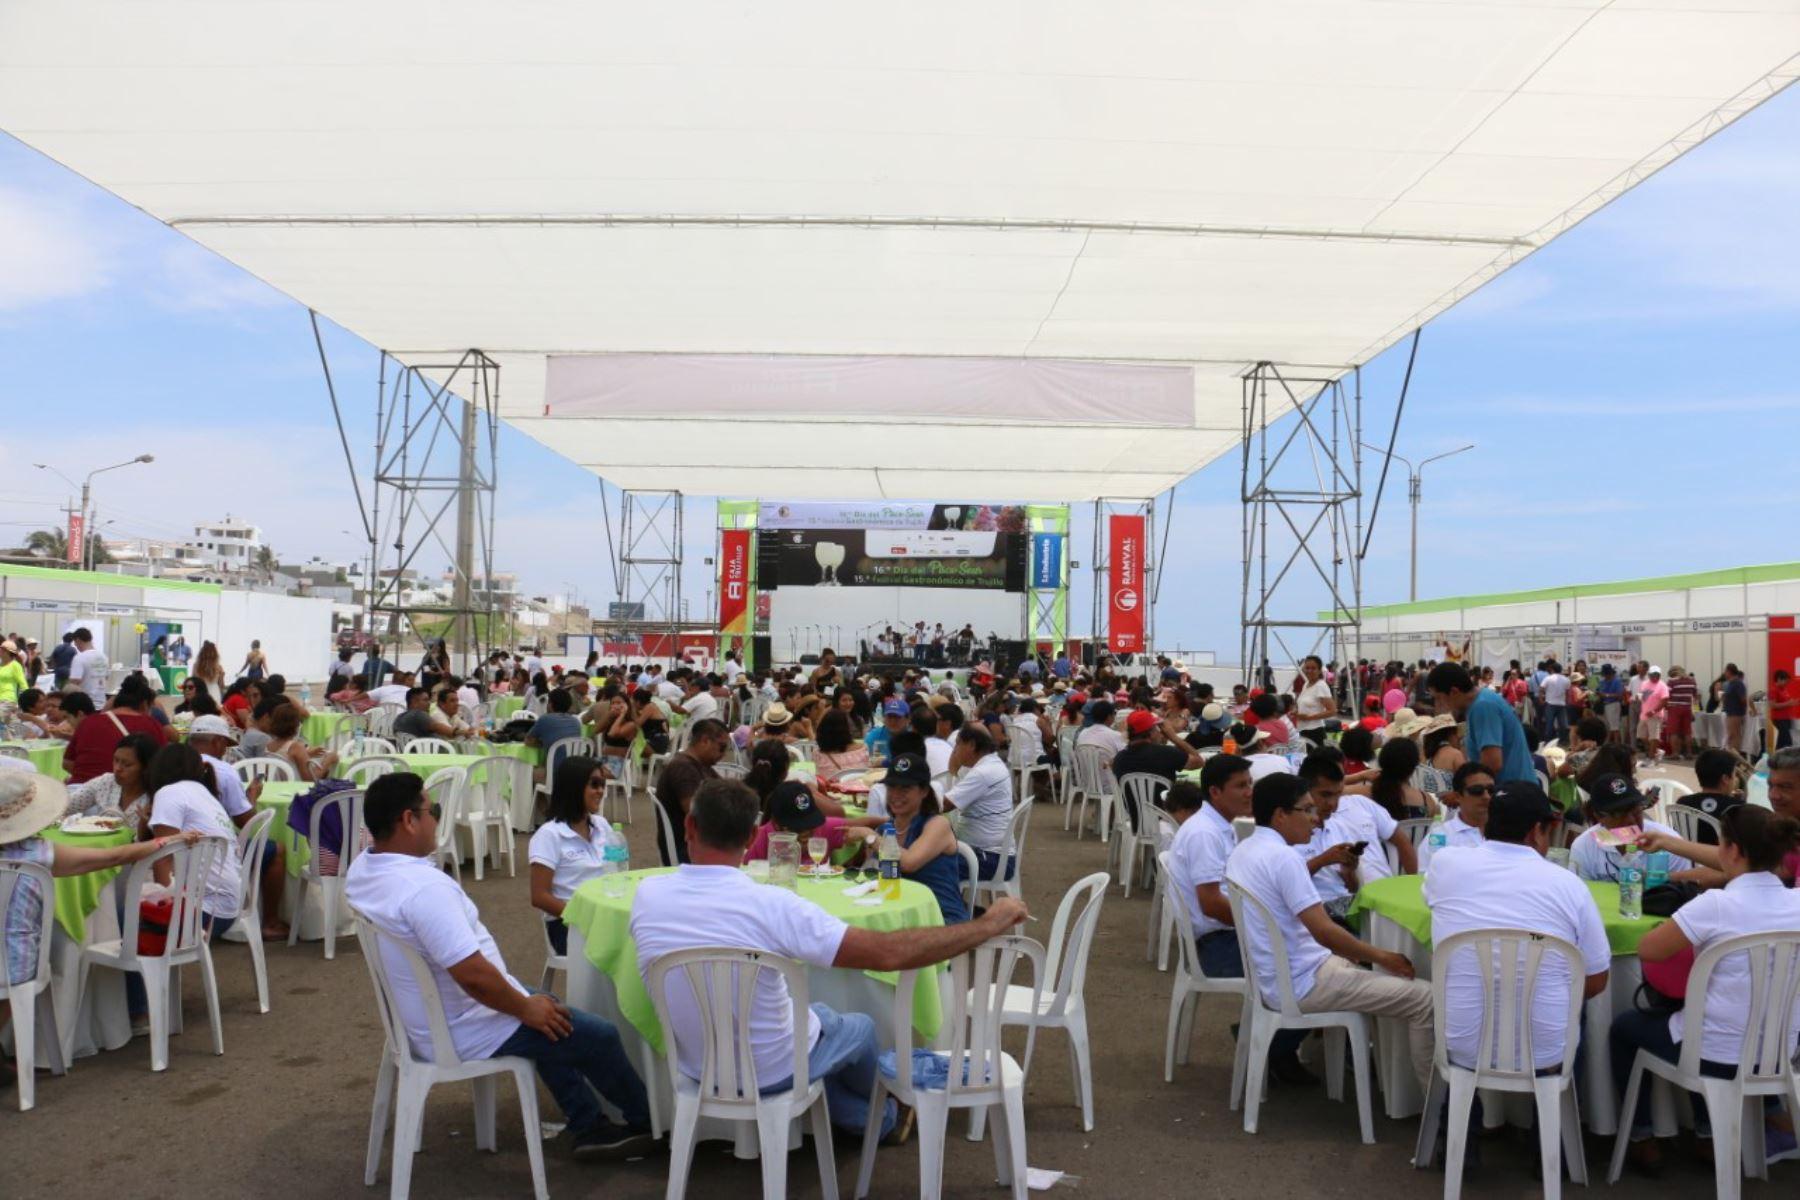 Día del Pisco Sour: Trujillo celebra con gastronomía y música en balneario de Huanchaco